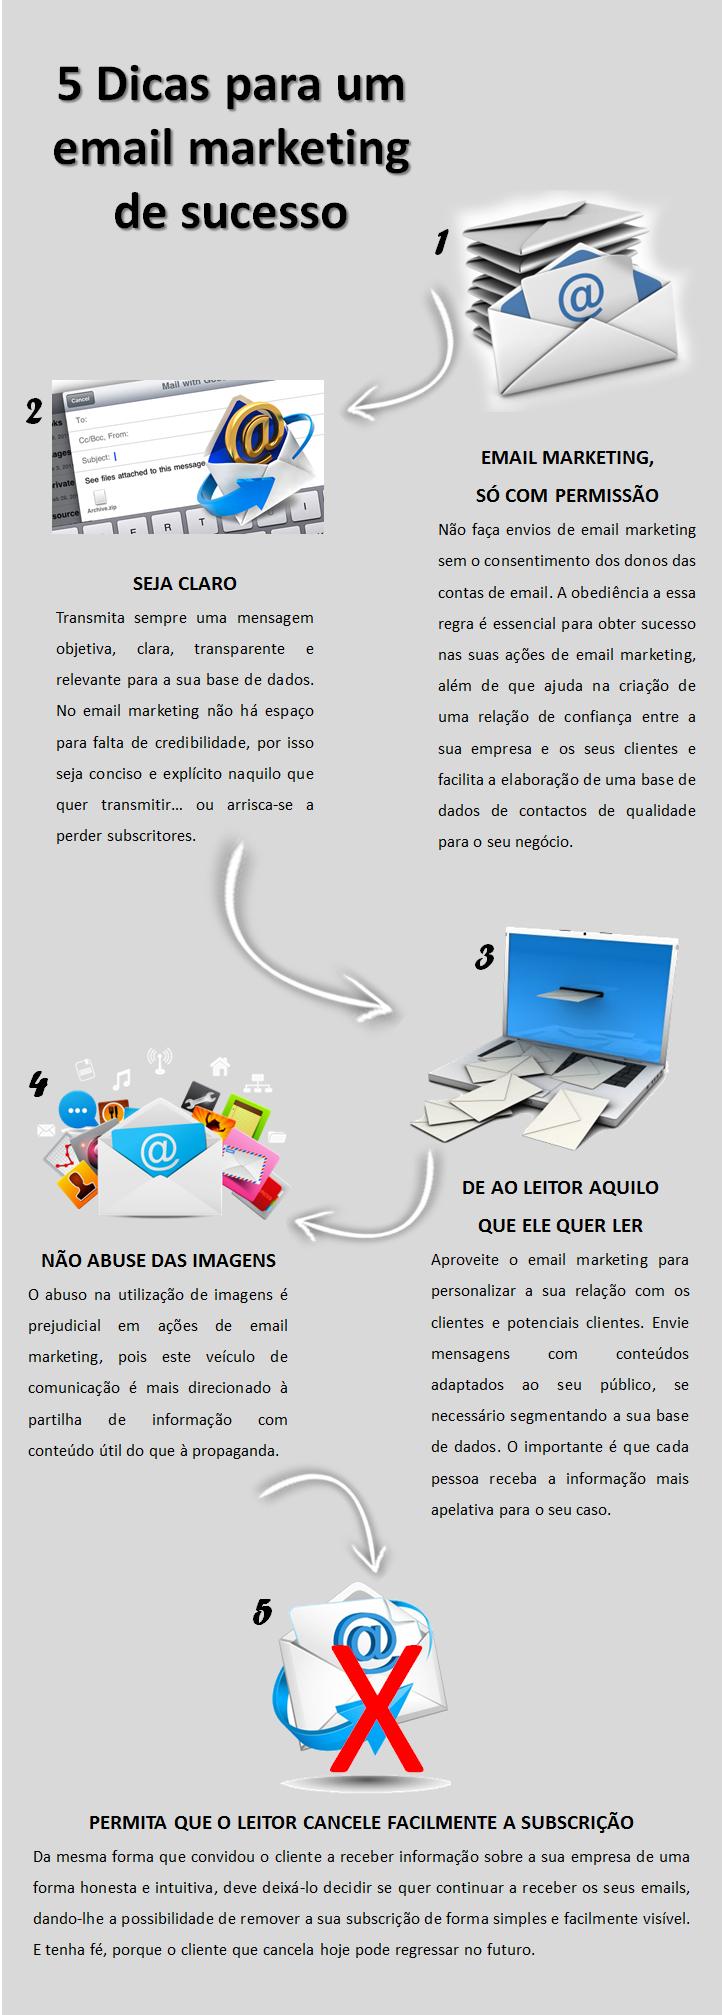 5 dicas para um email marketing de sucesso